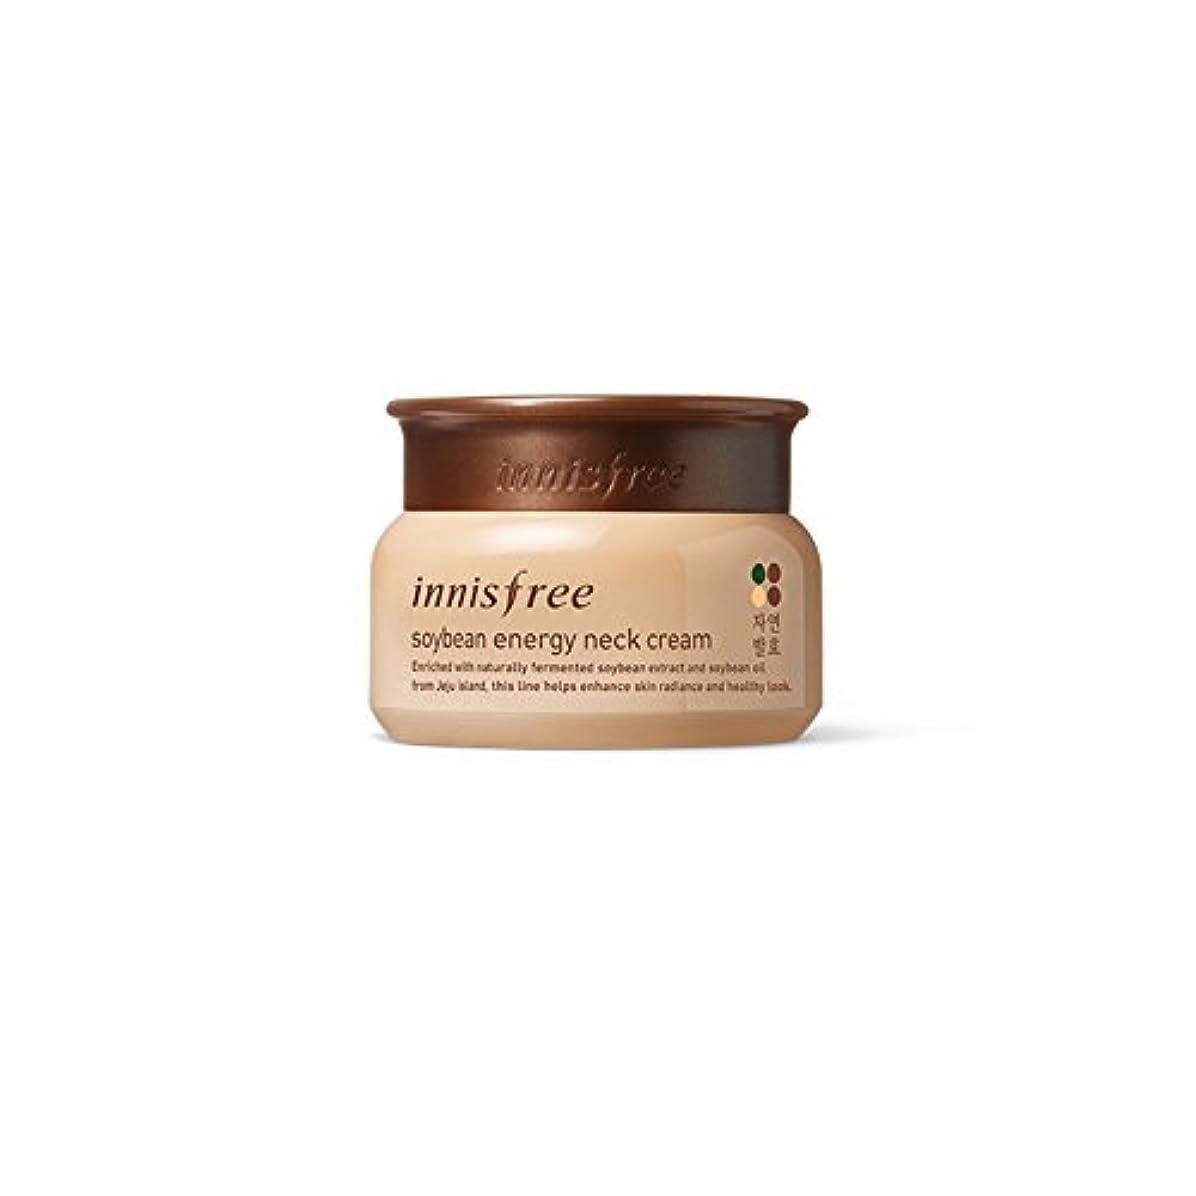 狂乱導出塊[イニスフリー] Innisfree 発酵大豆エネジネッククリーム (80ml) Innisfree Soy Bean Energy Neck Cream (80ml) [海外直送品]